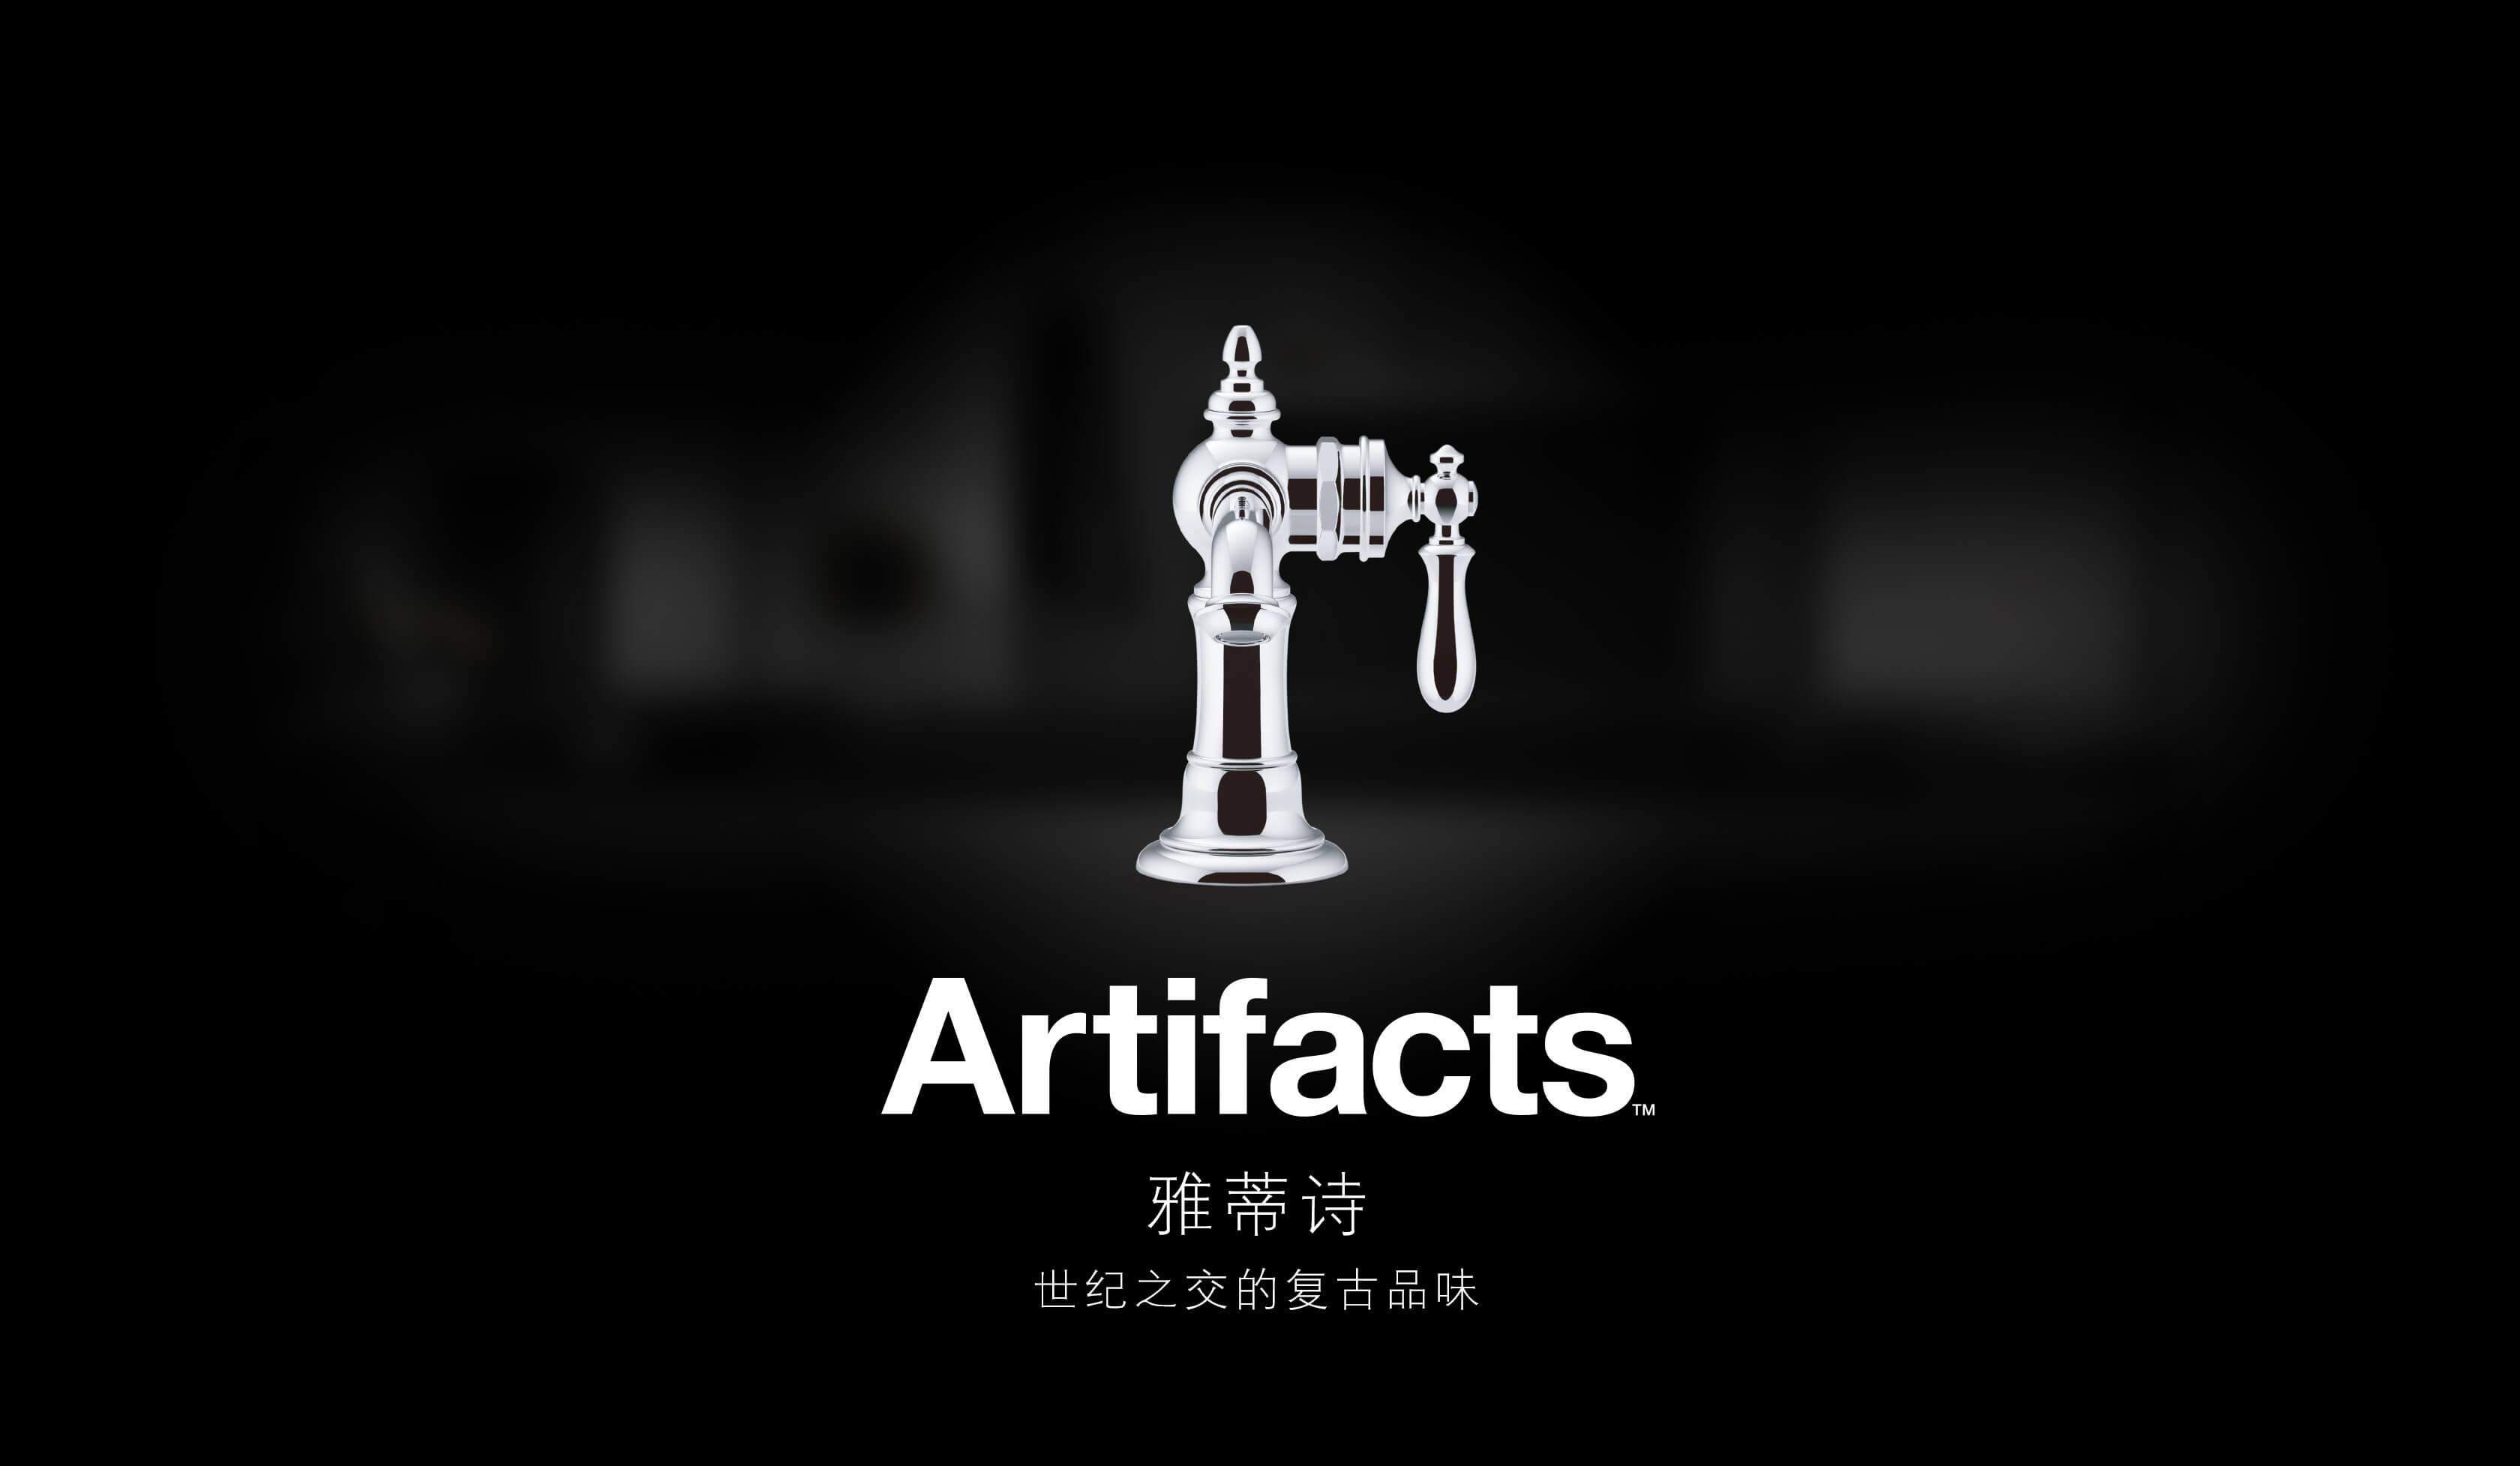 科勒雅蒂诗龙头 Minisite 产品设计 | 班田互动